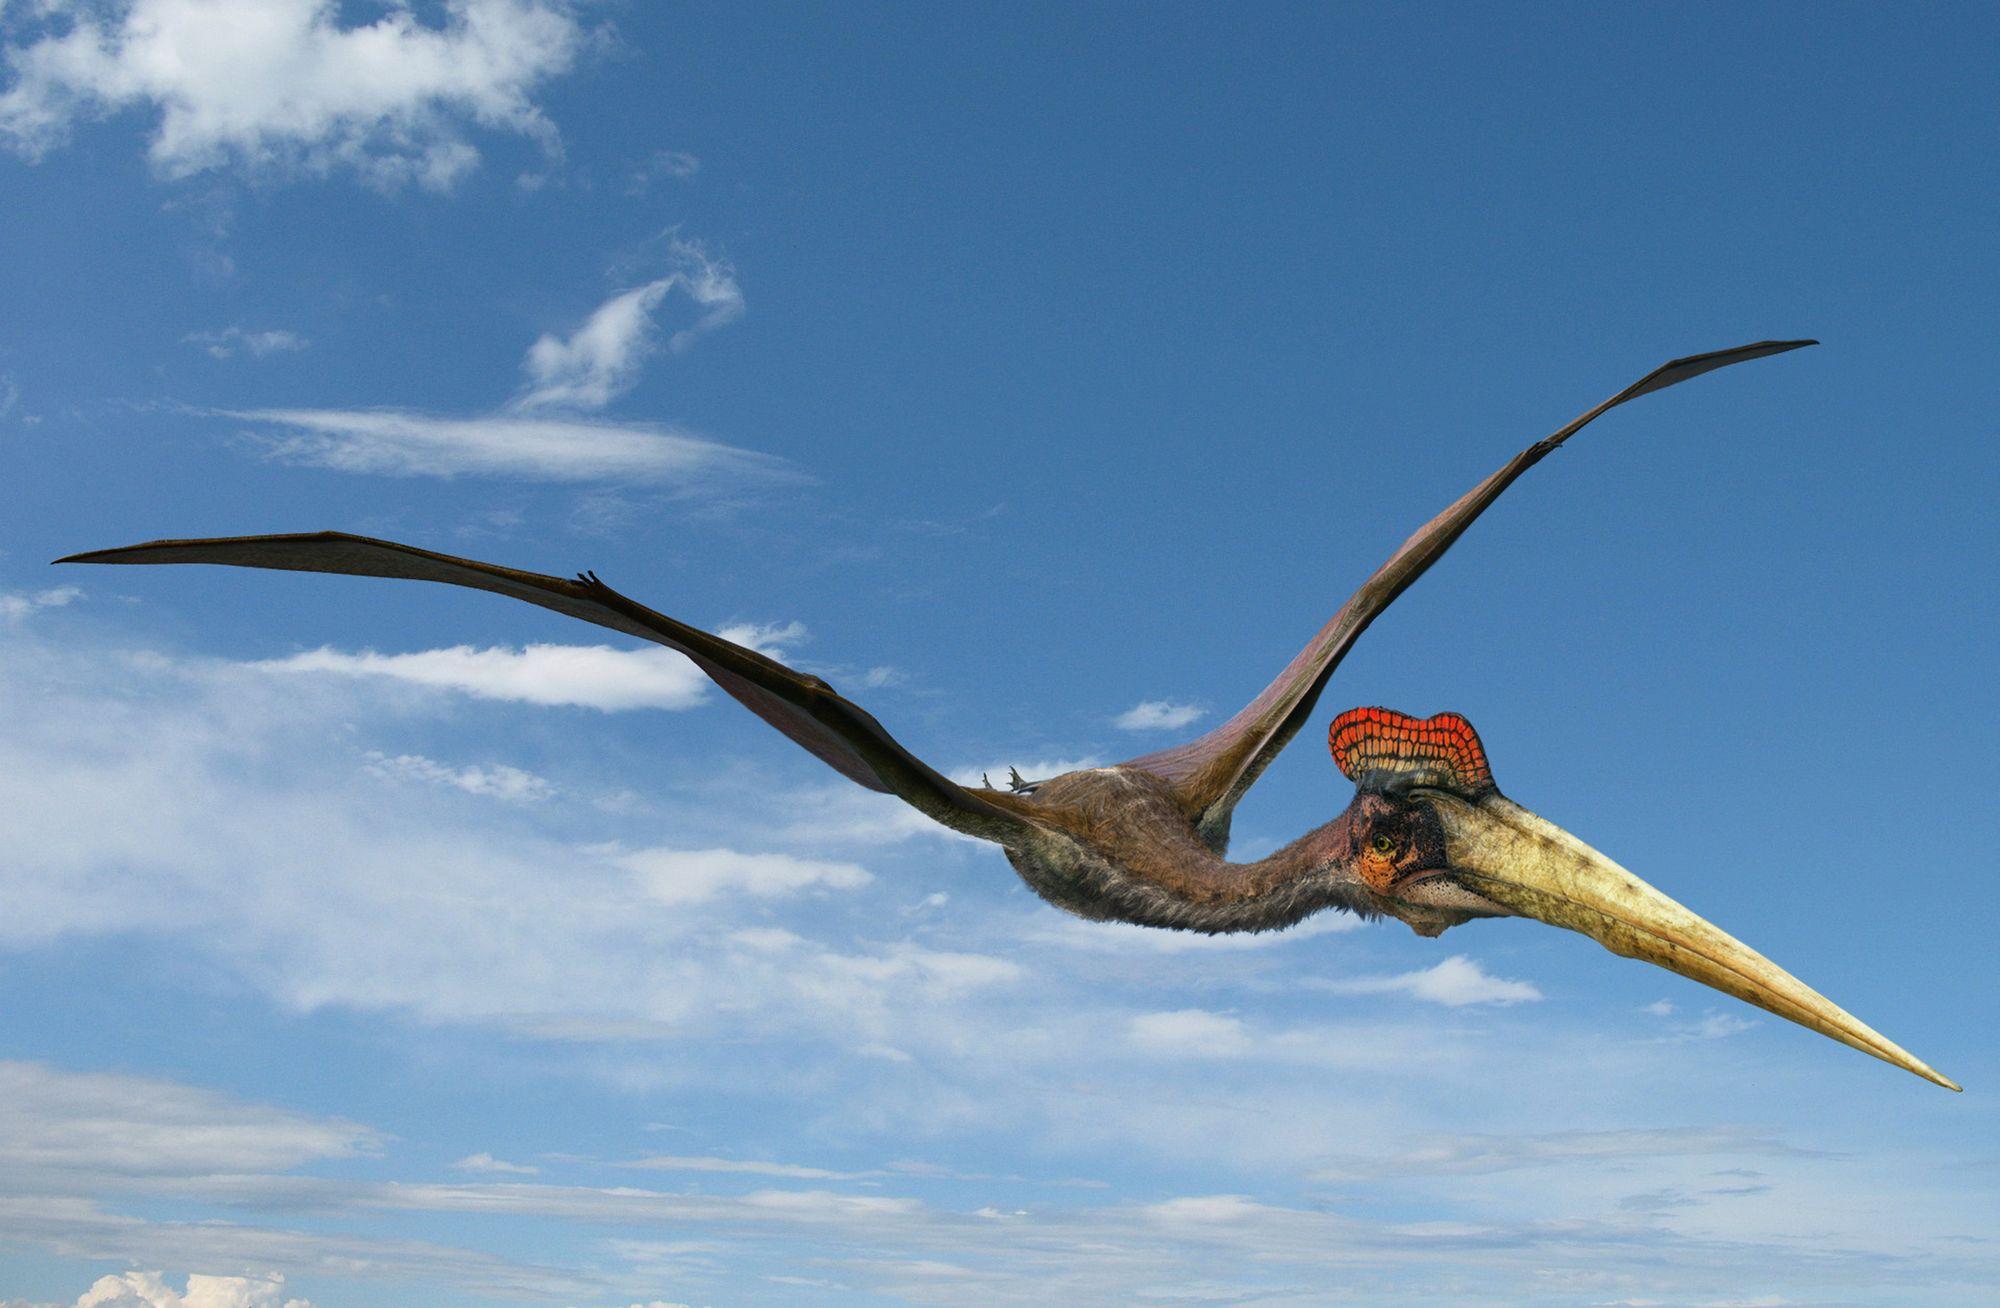 Dinosaure volant d couvrir dans cet article d di la - Dinosaur volant ...